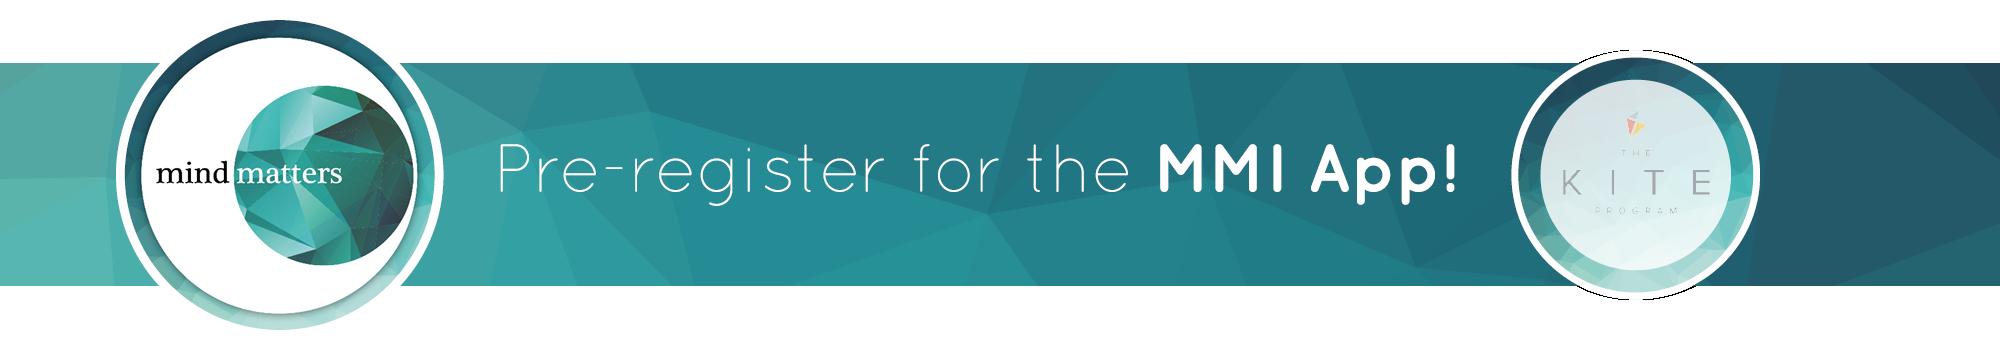 Pre-register for the MMI App